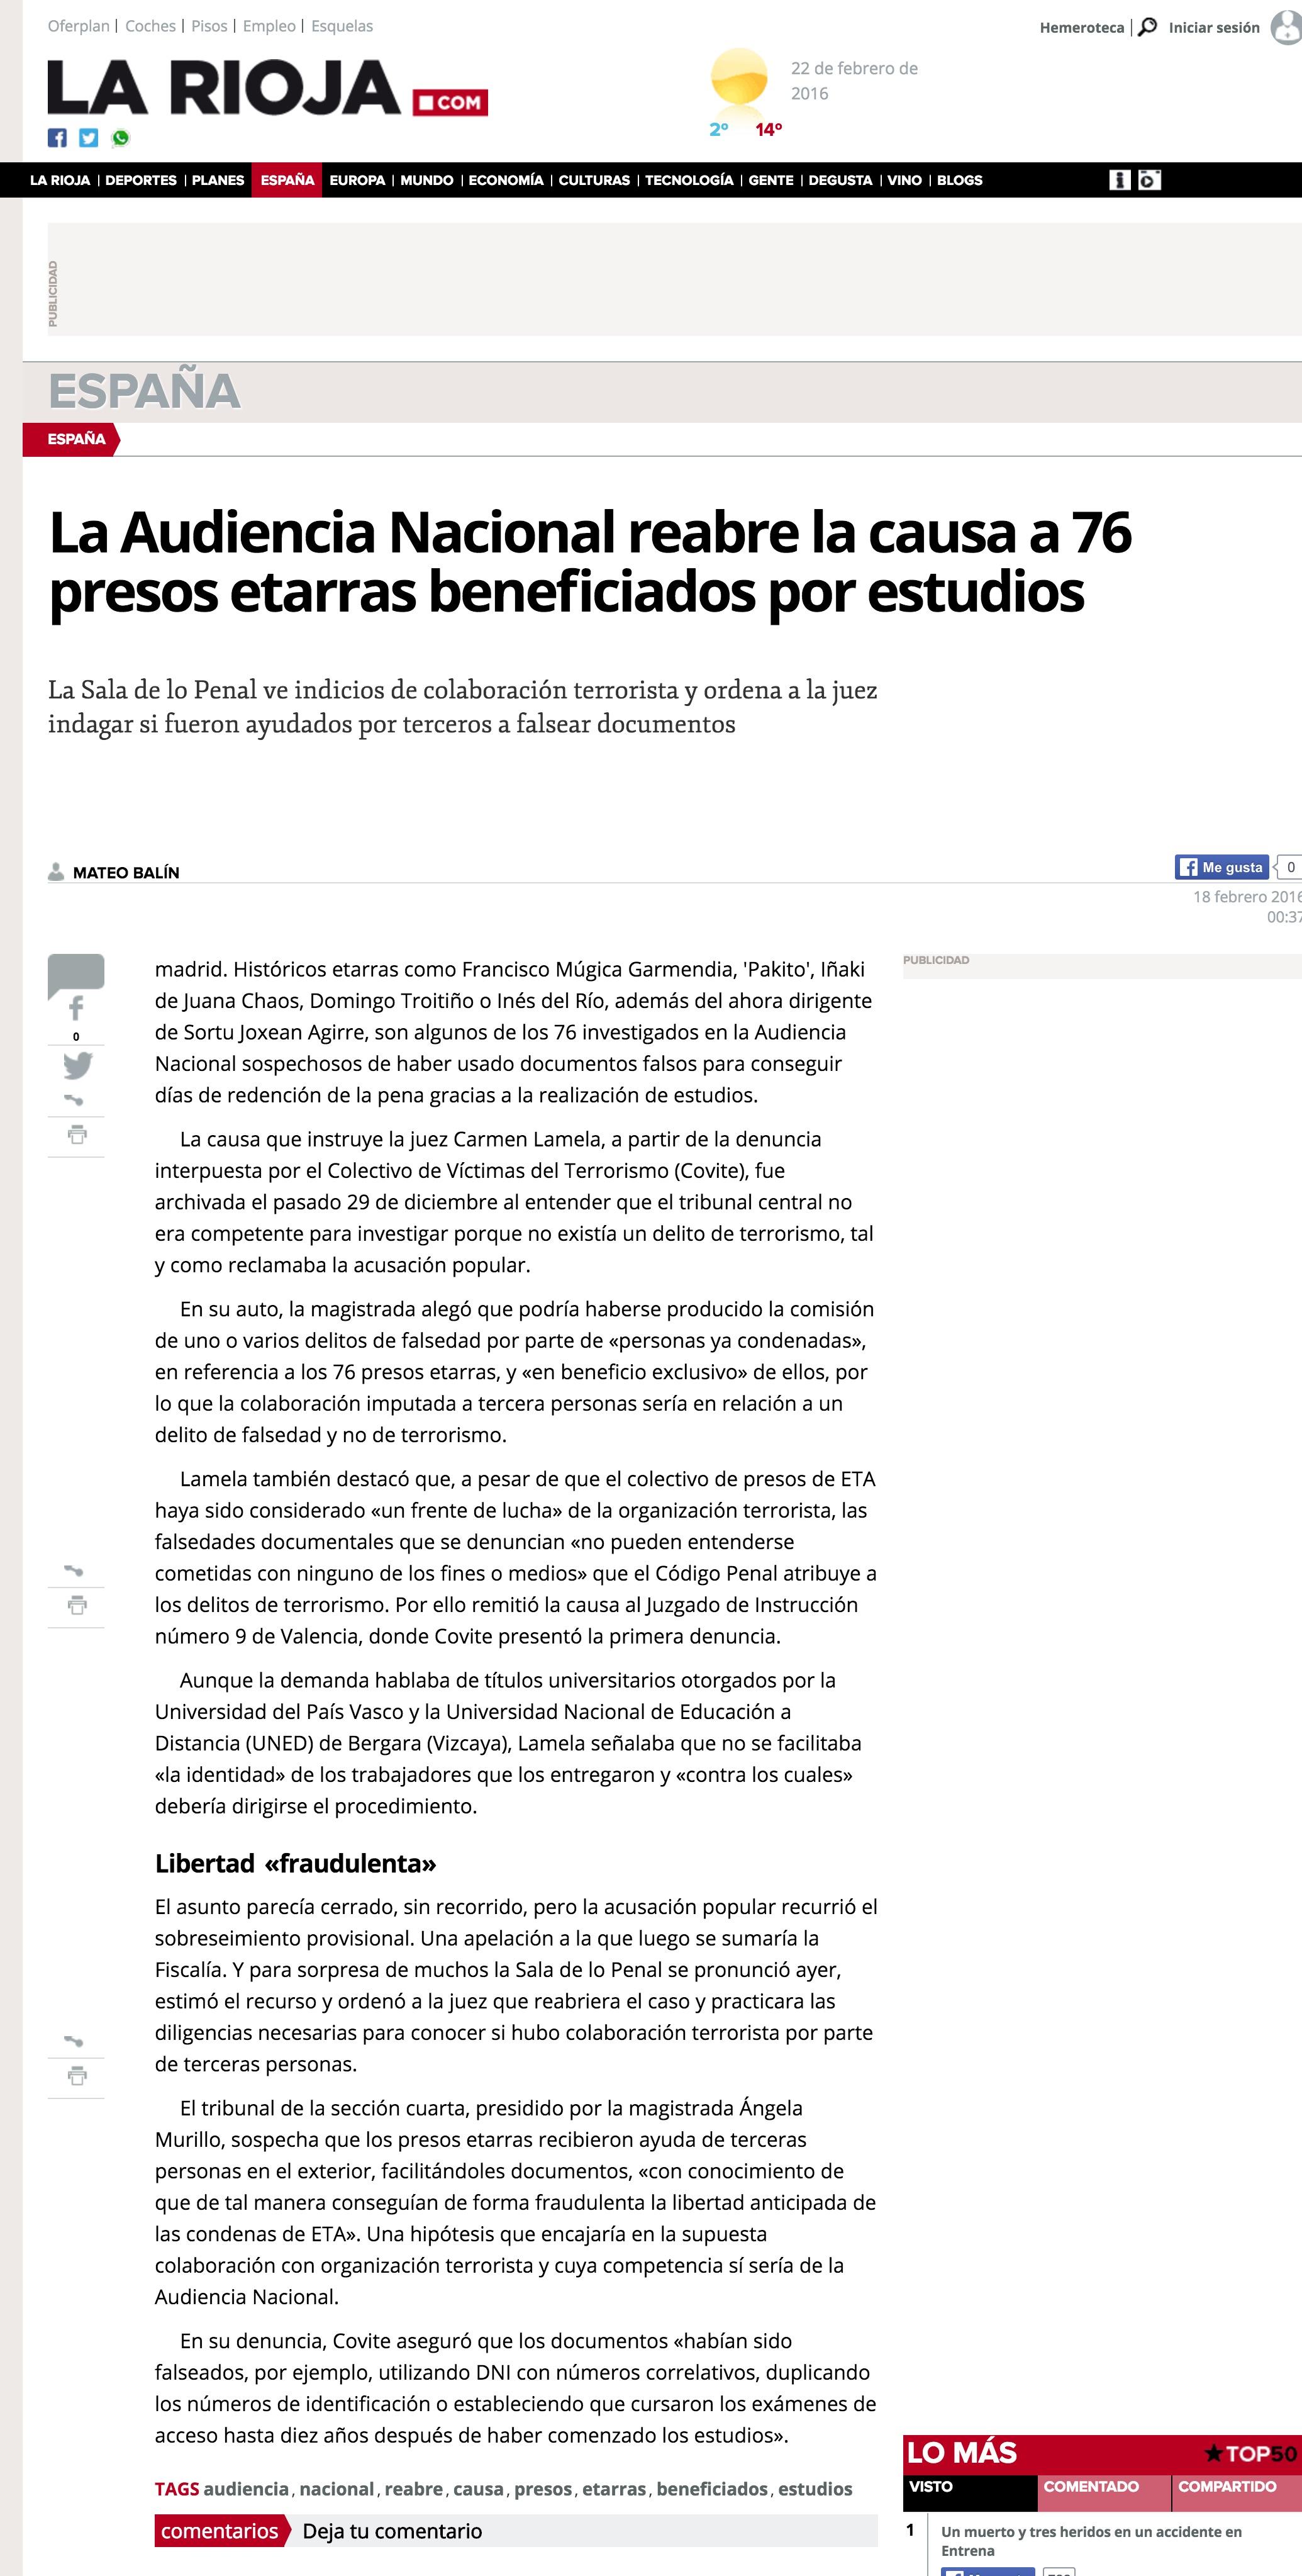 screencapture-www-larioja-com-nacional-201602-18-audiencia-nacional-reabre-causa-20160218003709-v-html-1456142416360